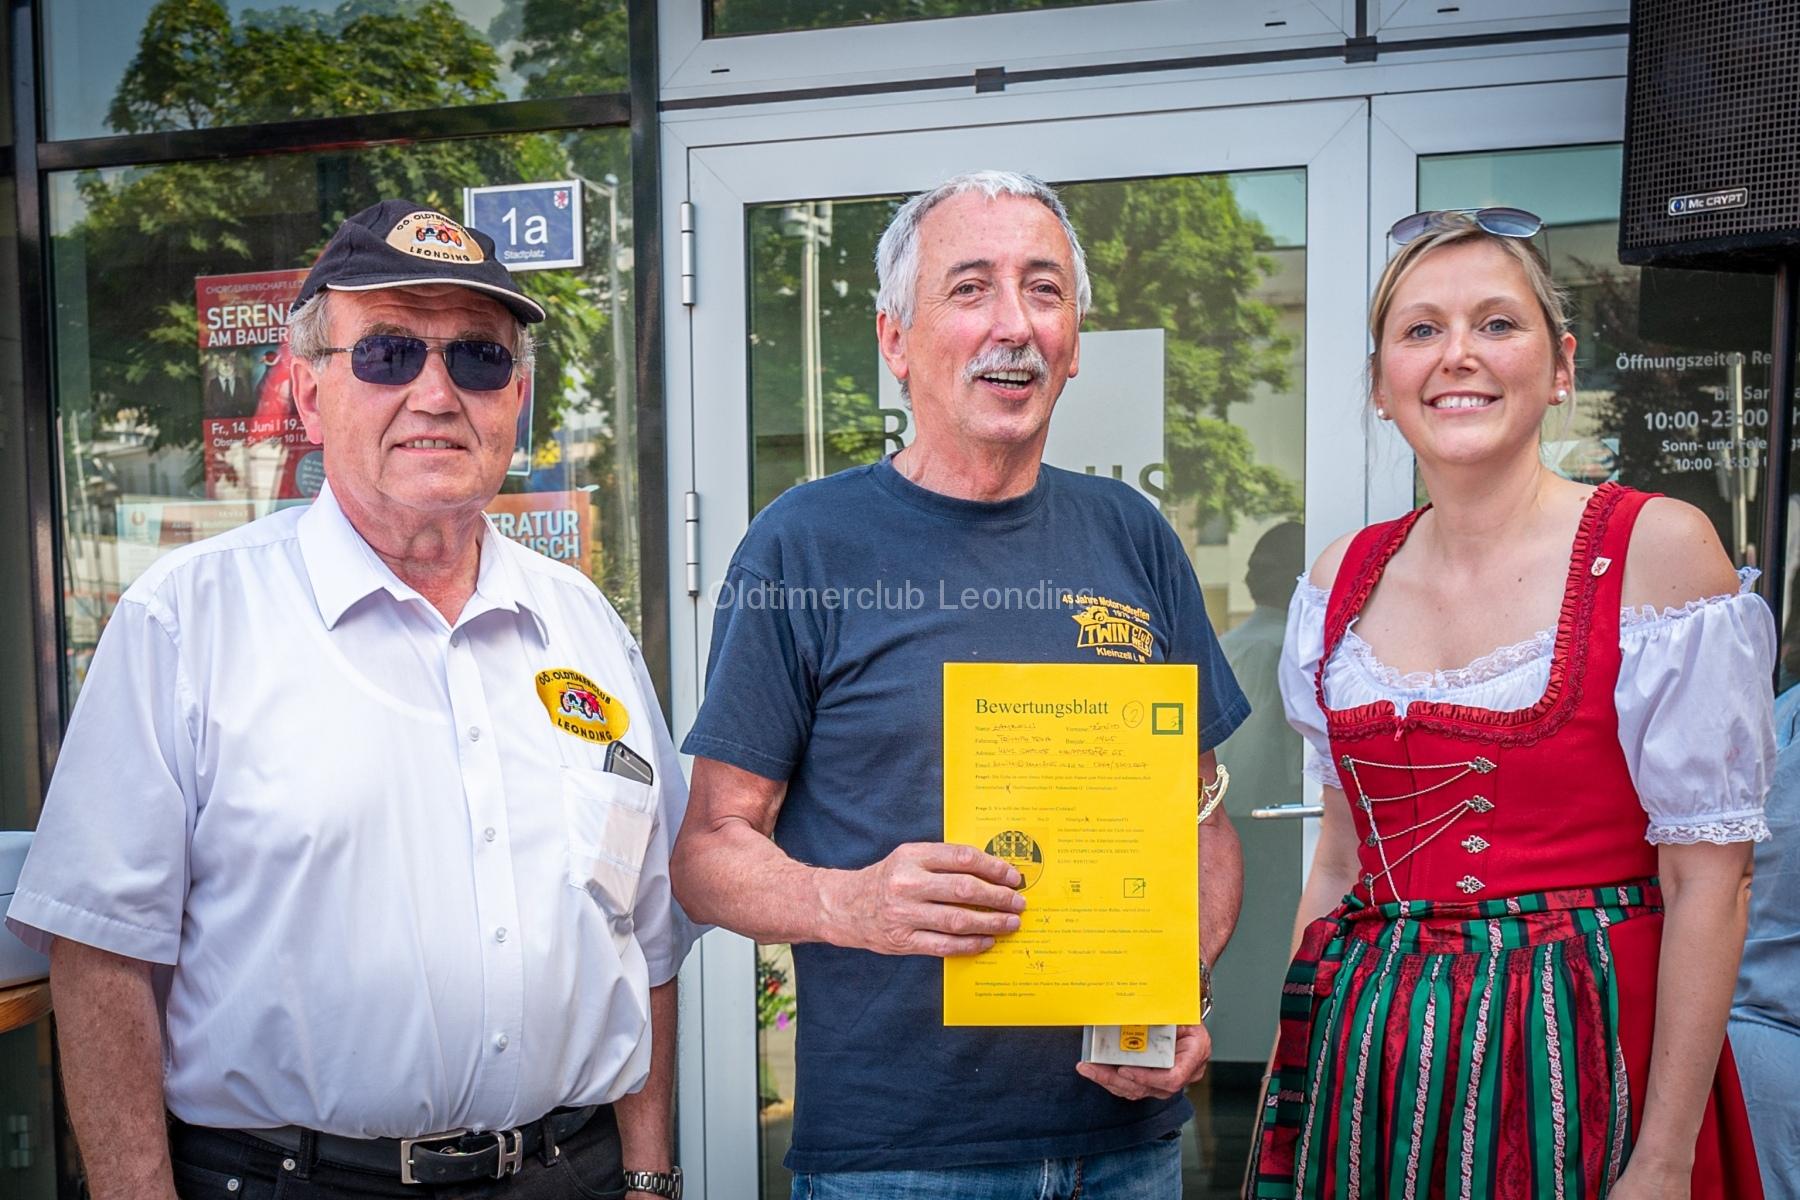 Fotoklub-Leonding-Oldtimer-Juni2019-113